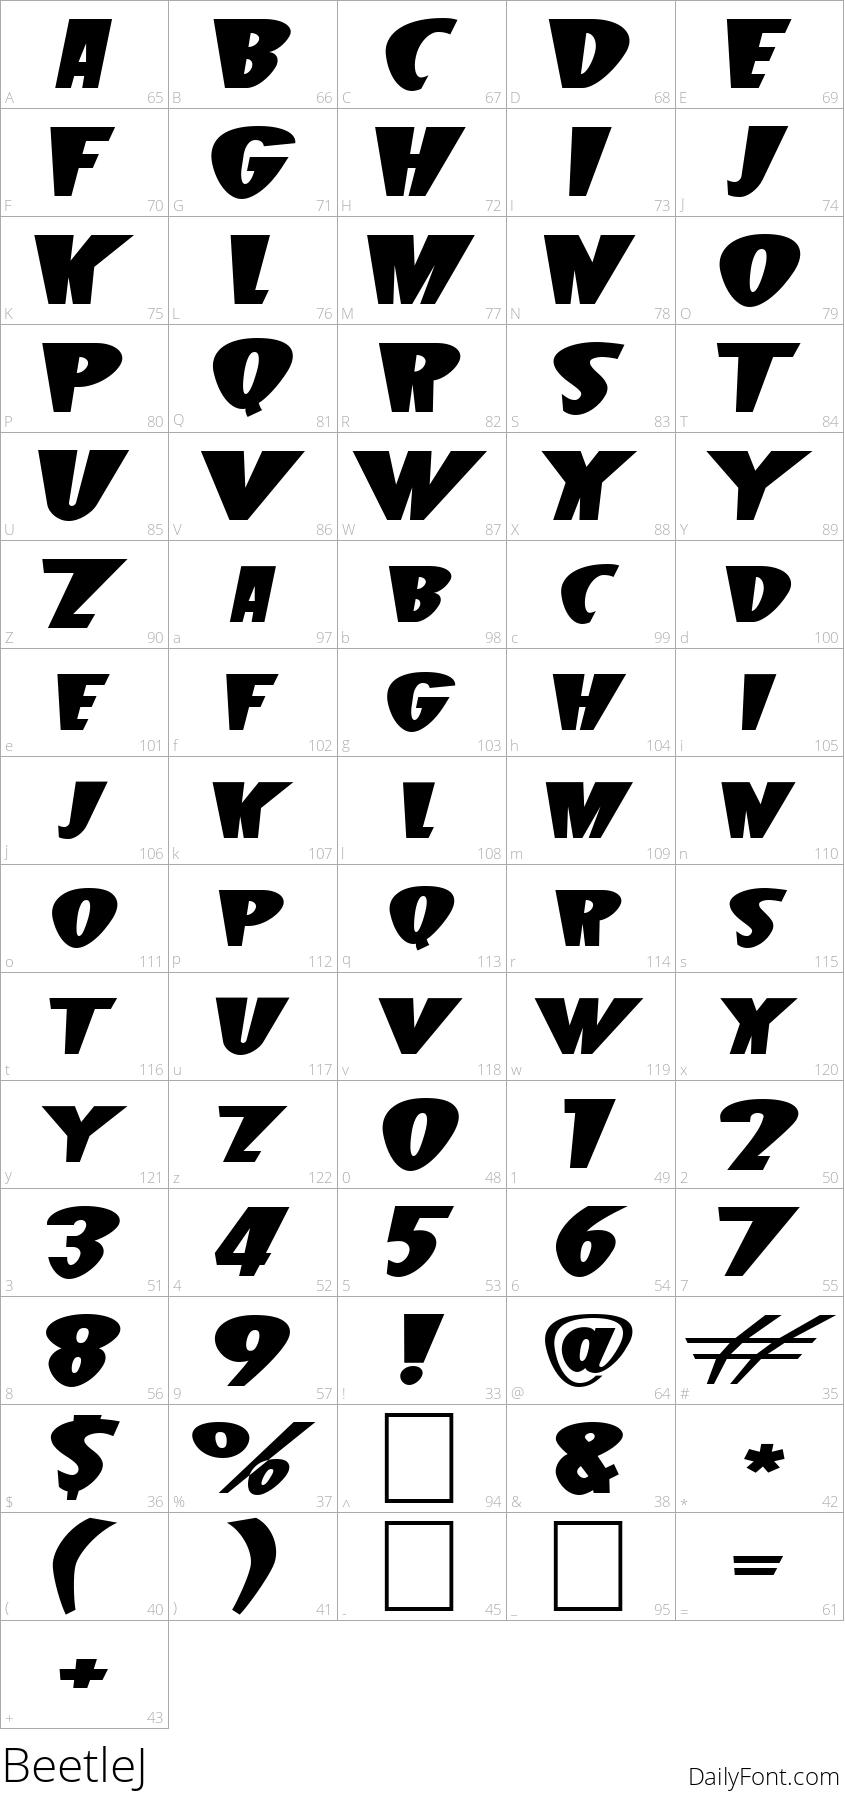 BeetleJ character map